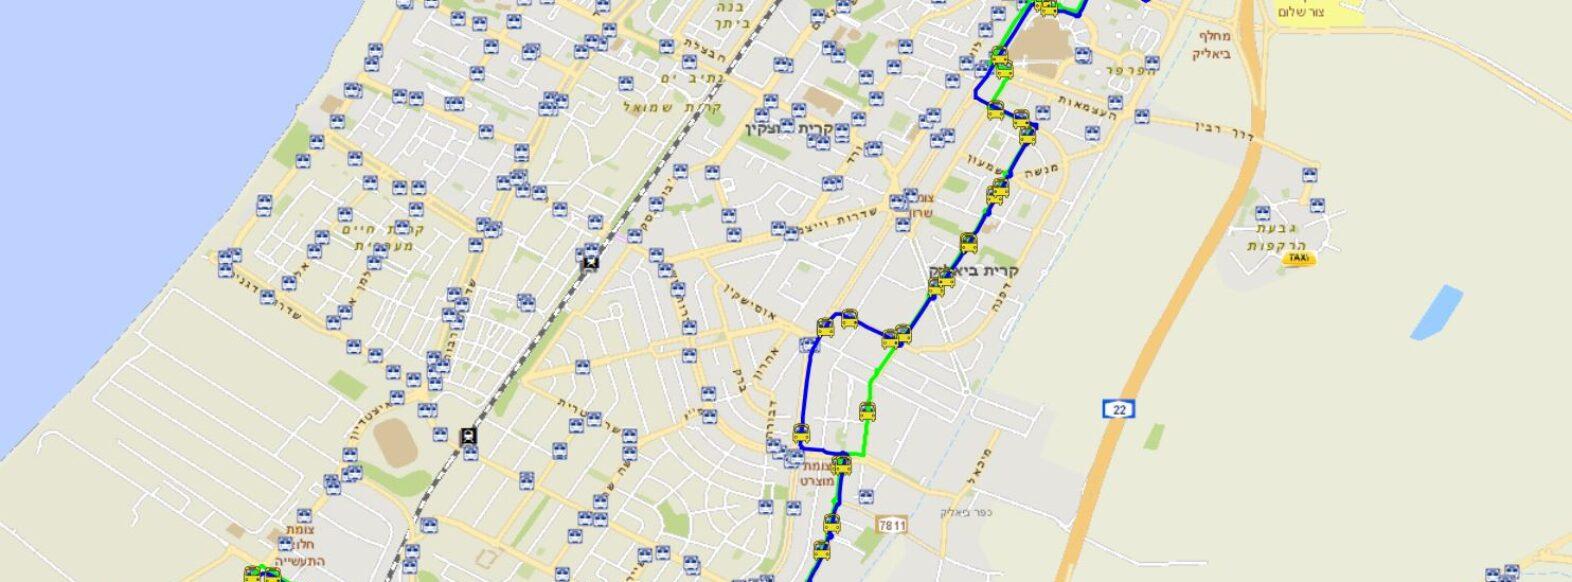 קו אוטובוס חדש יתחיל לפעול בשכונת נאות אפק